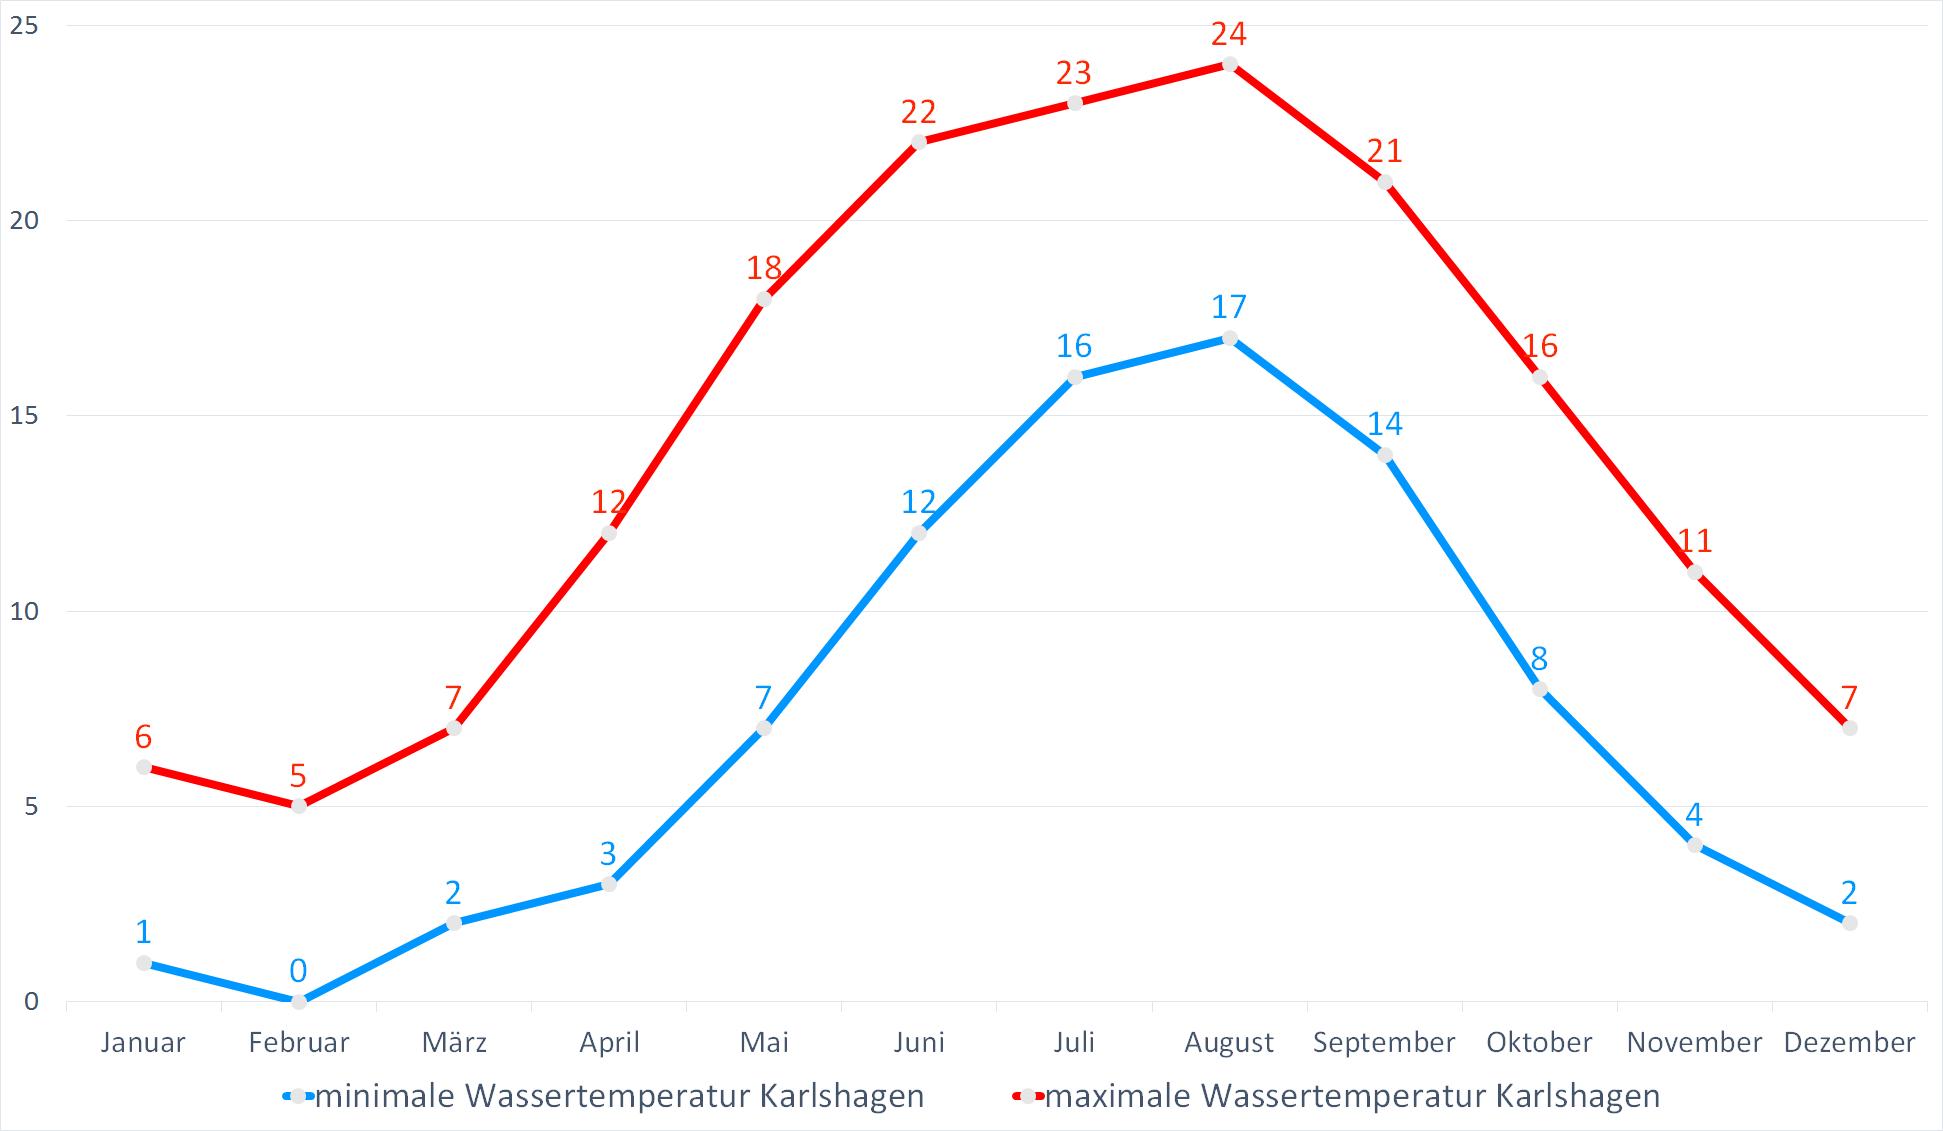 Minimale & Maximale Wassertemperaturen für Karlshagen im Jahresverlauf